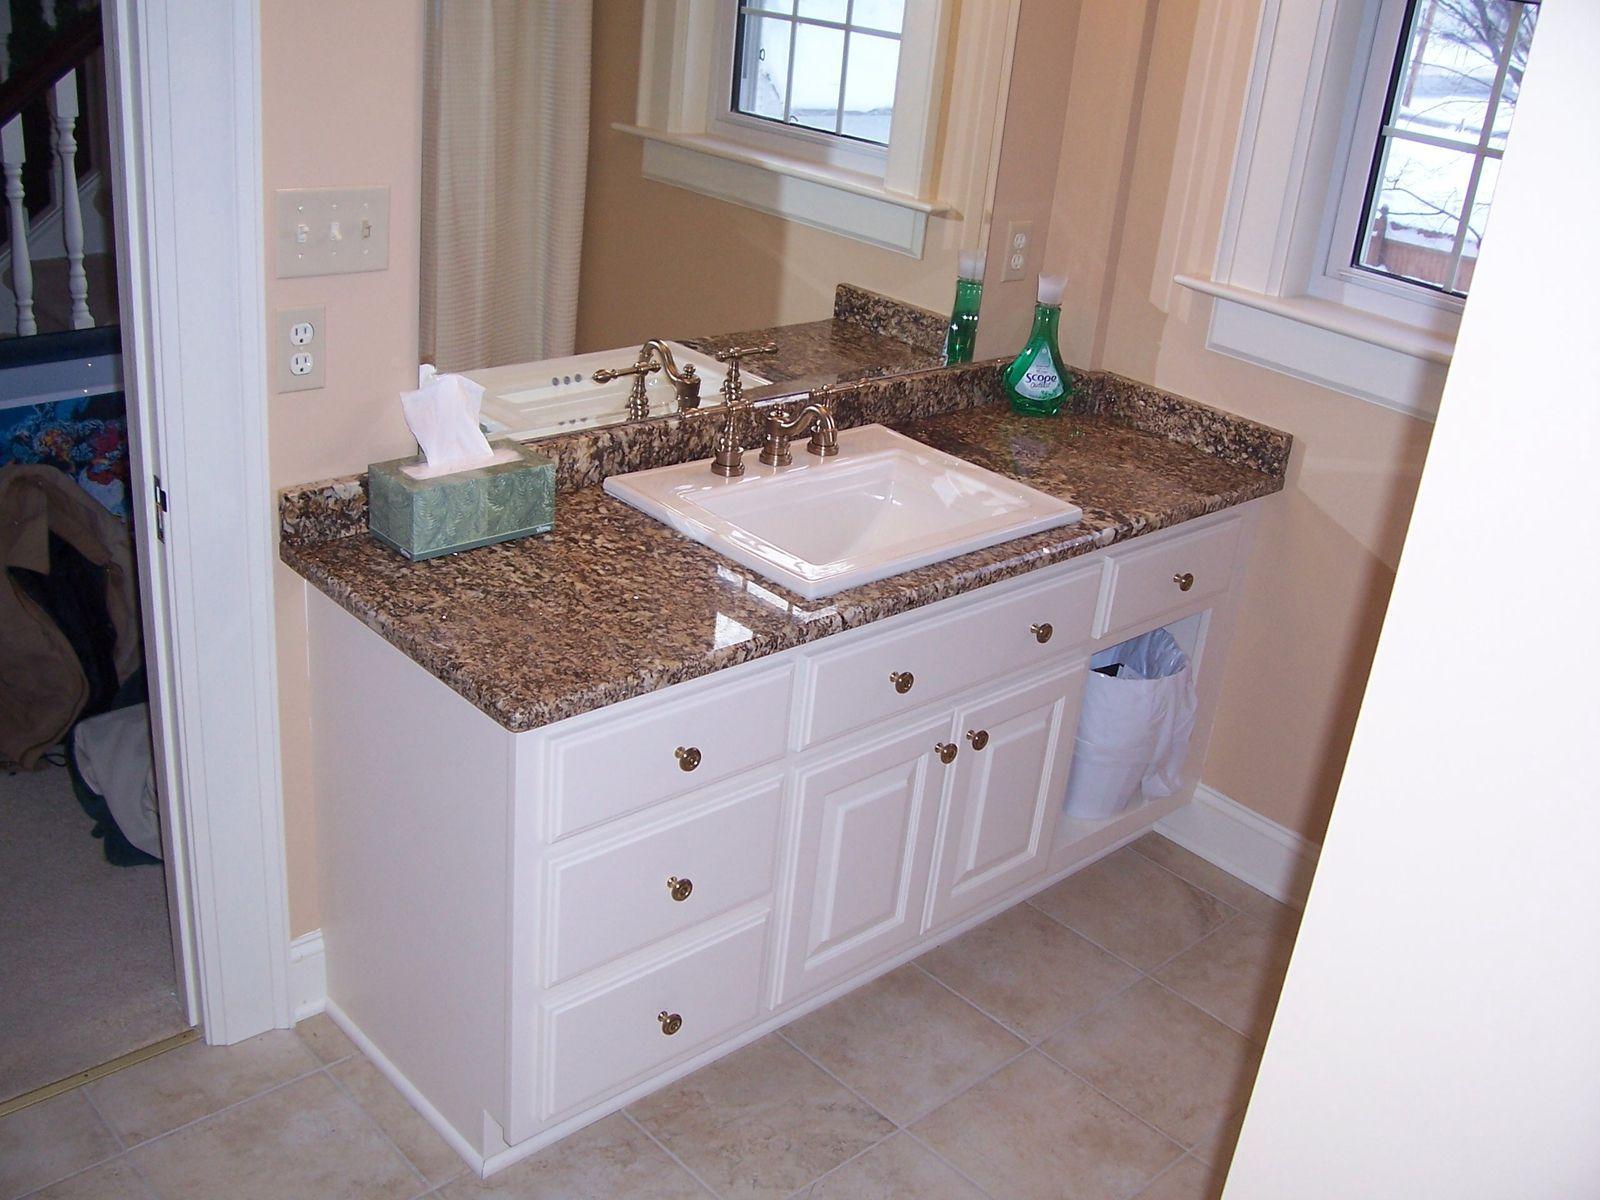 Hand Painted Bathroom Vanities Images Bathroom Ideas Pinterest - Painting old bathroom vanity